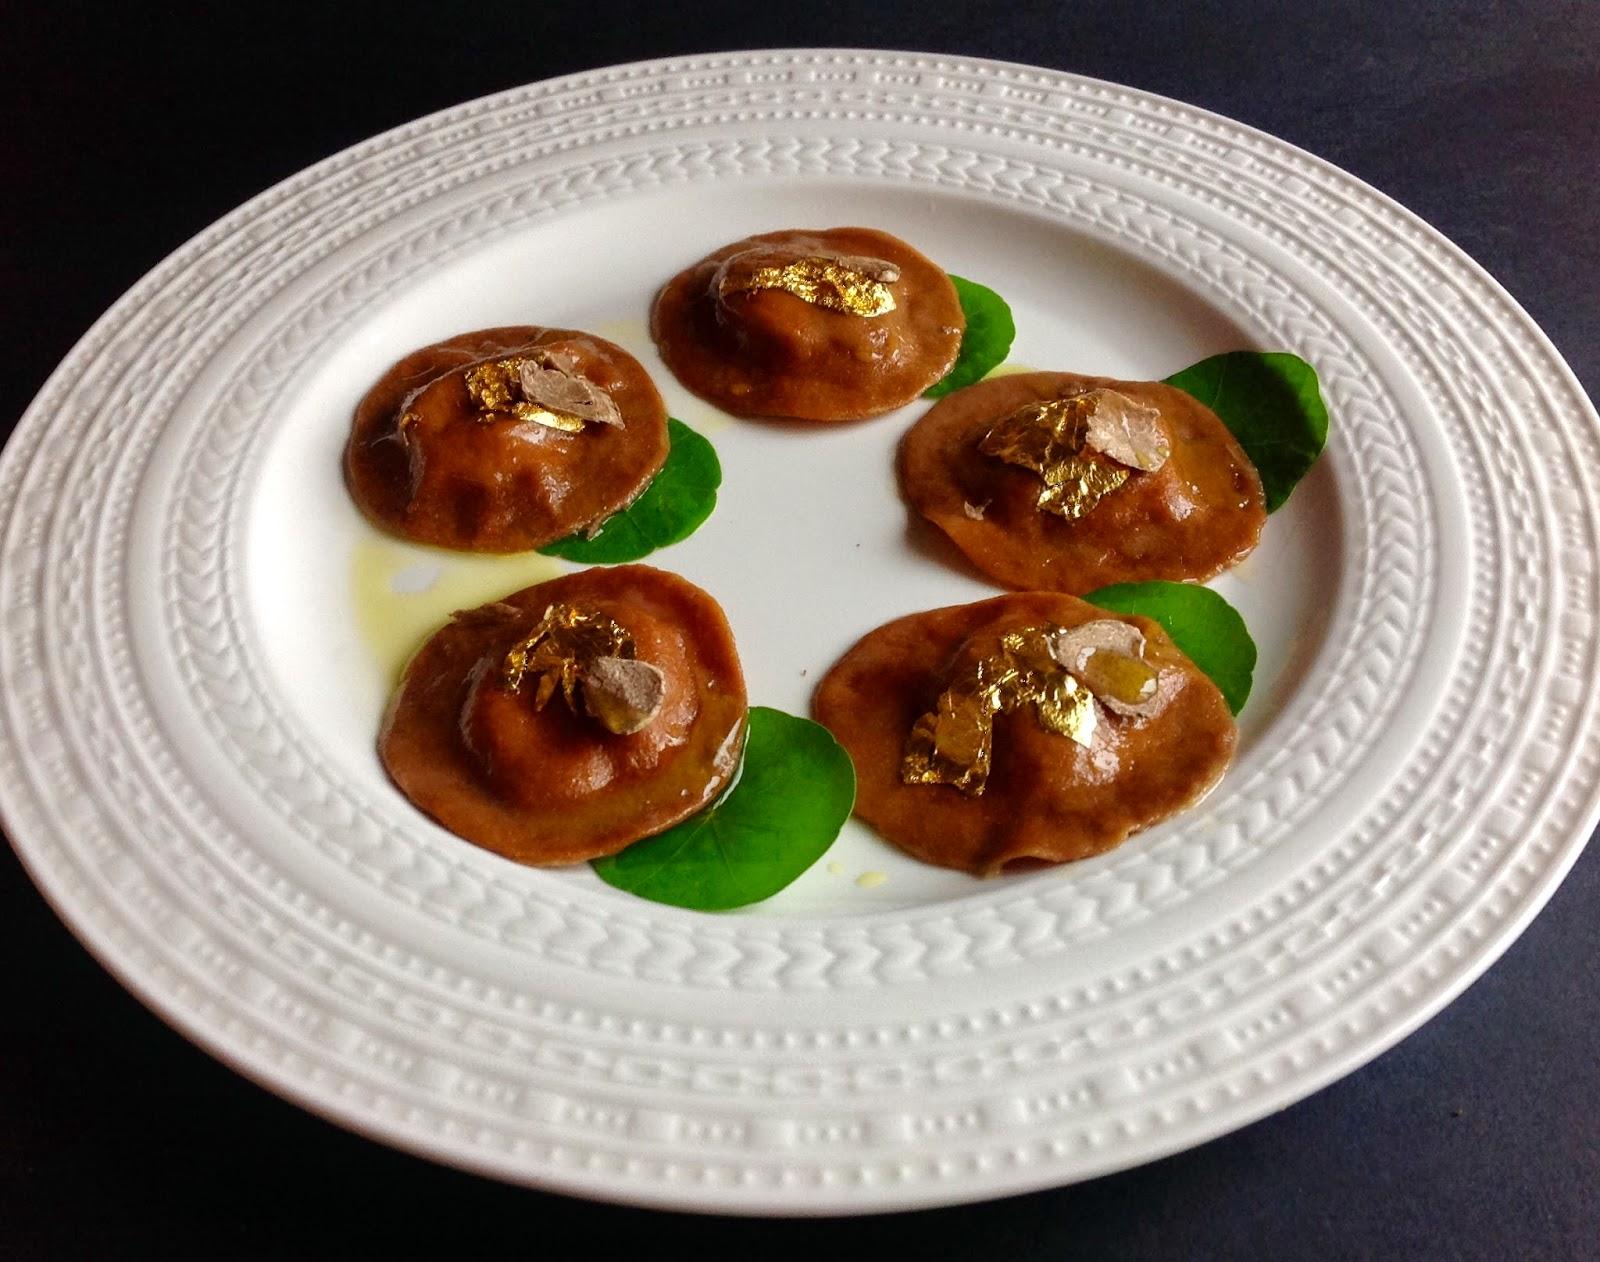 Ravioli al ficotto con ripieno liquido di parmigiano stagionato e tartufo bianco